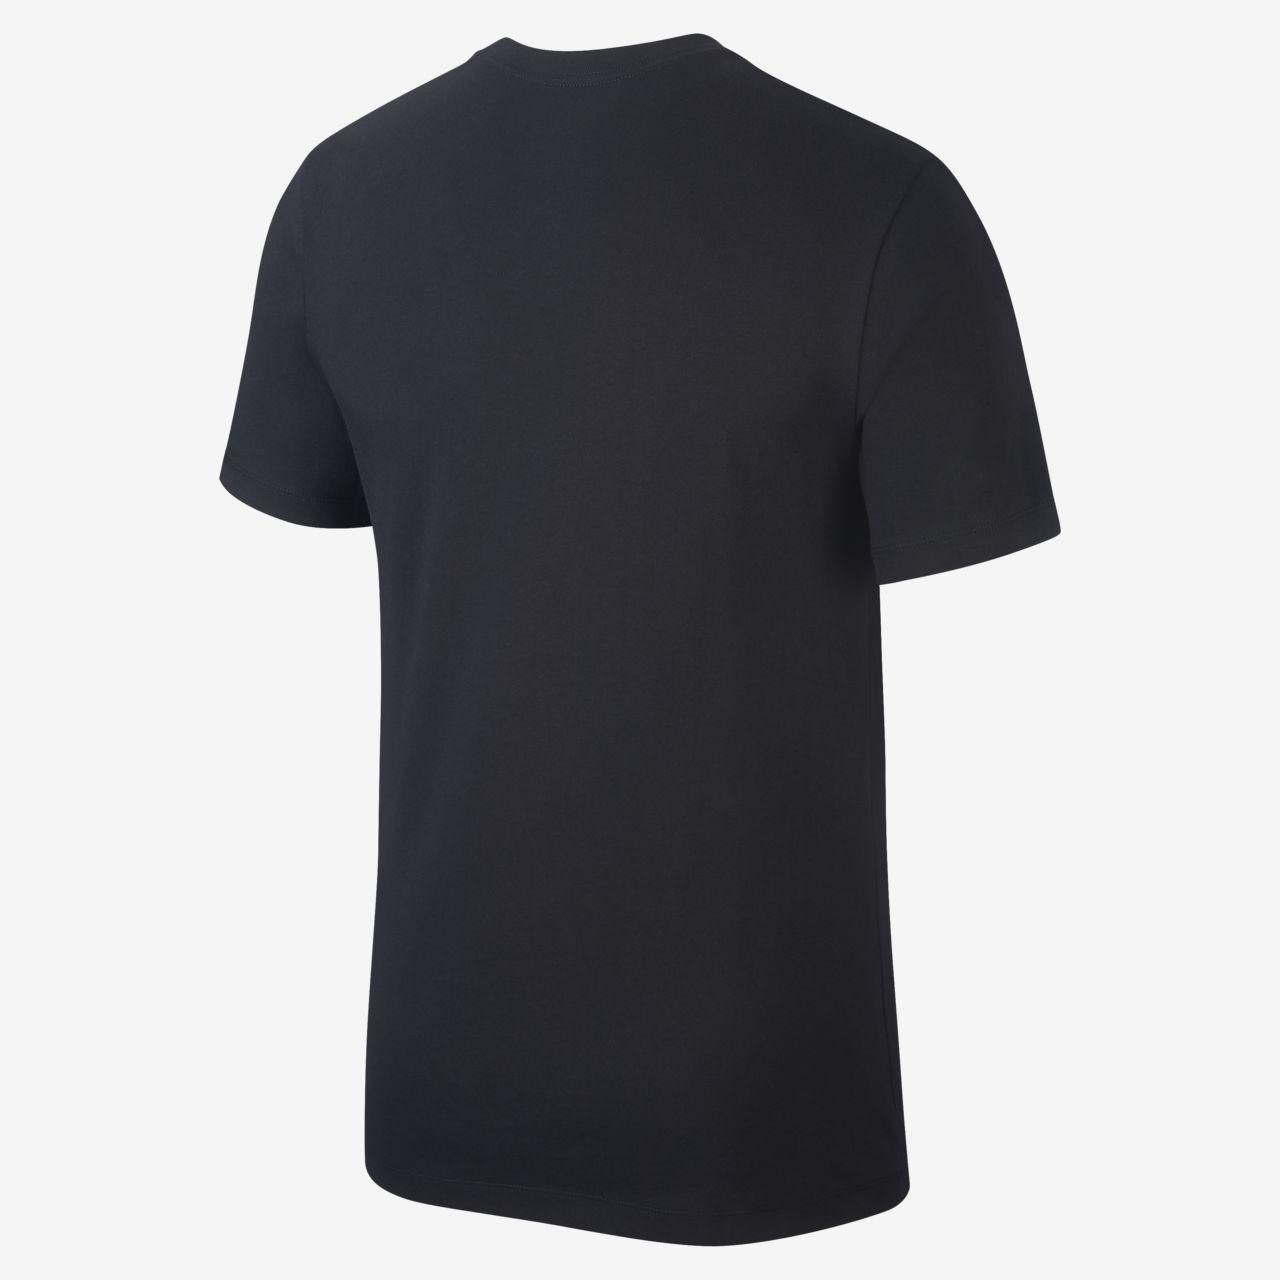 2545beec7f1 Jordan Jumpman Men's T-Shirt. Nike.com ZA